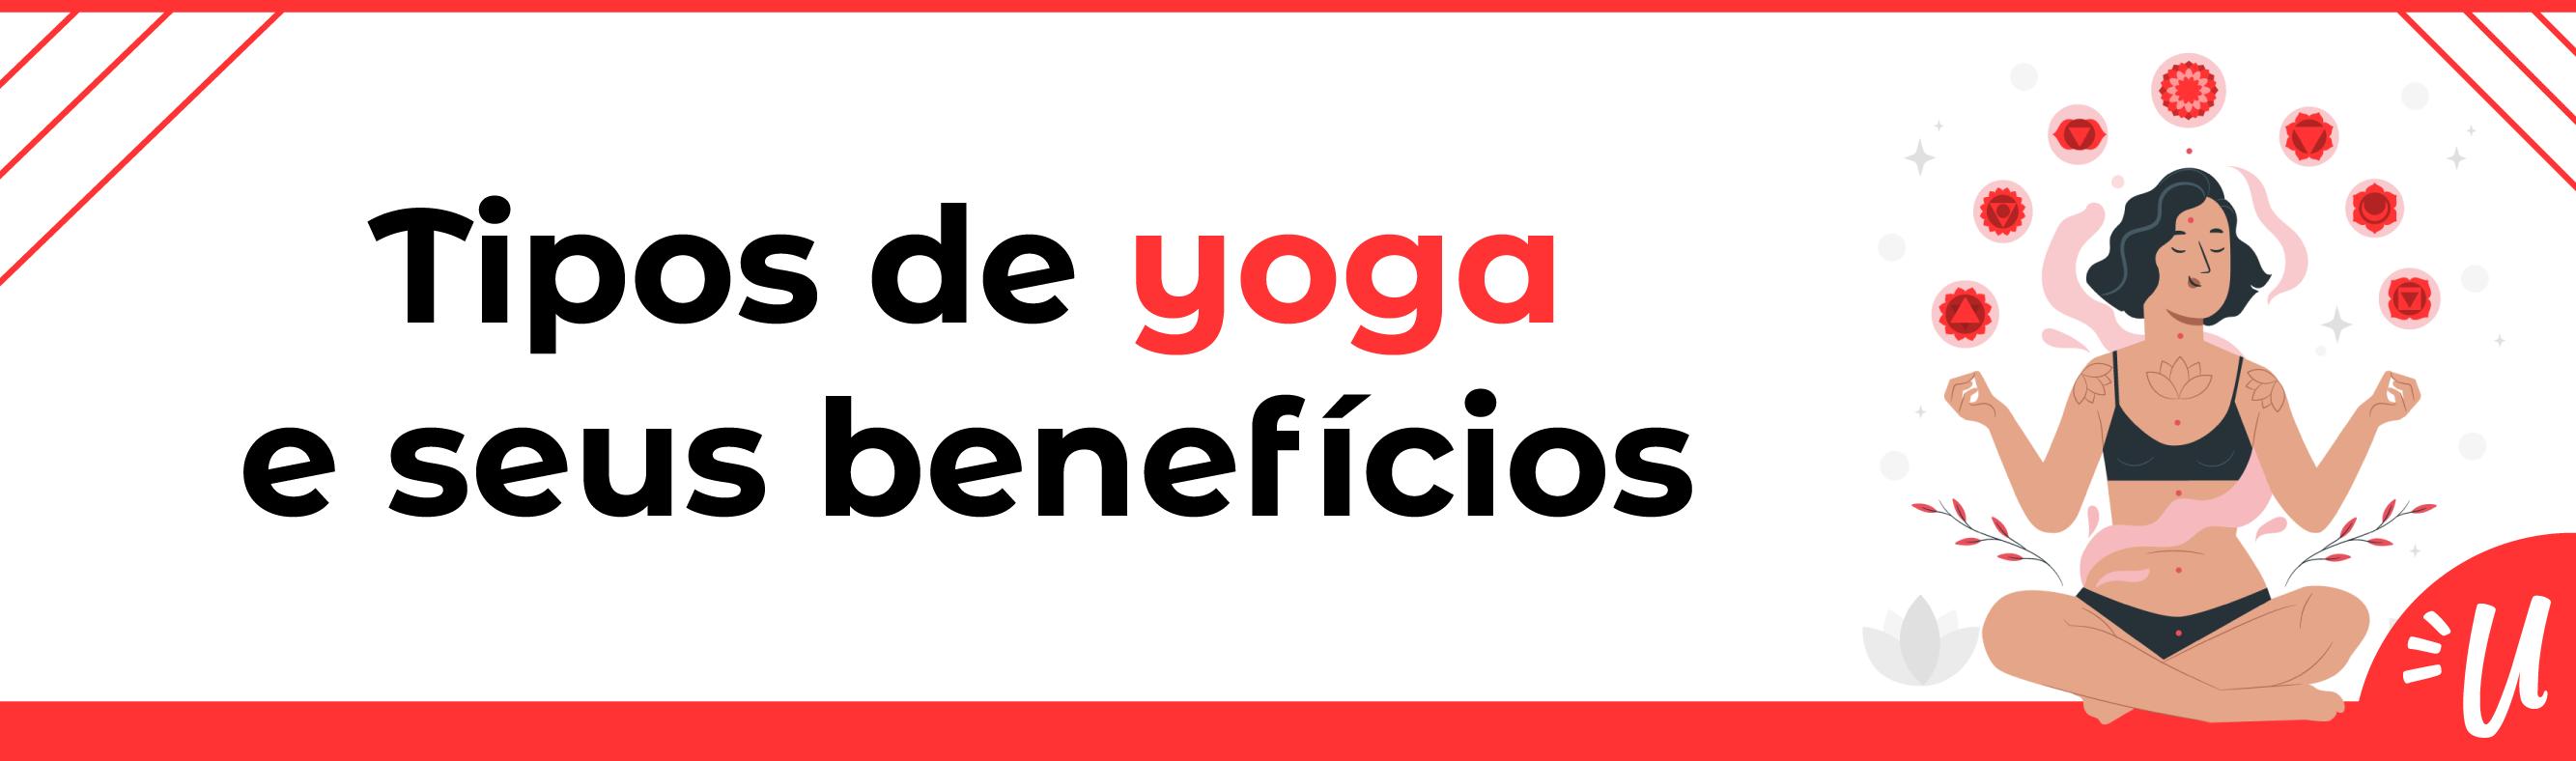 Tipos de yoga e seus benefícios